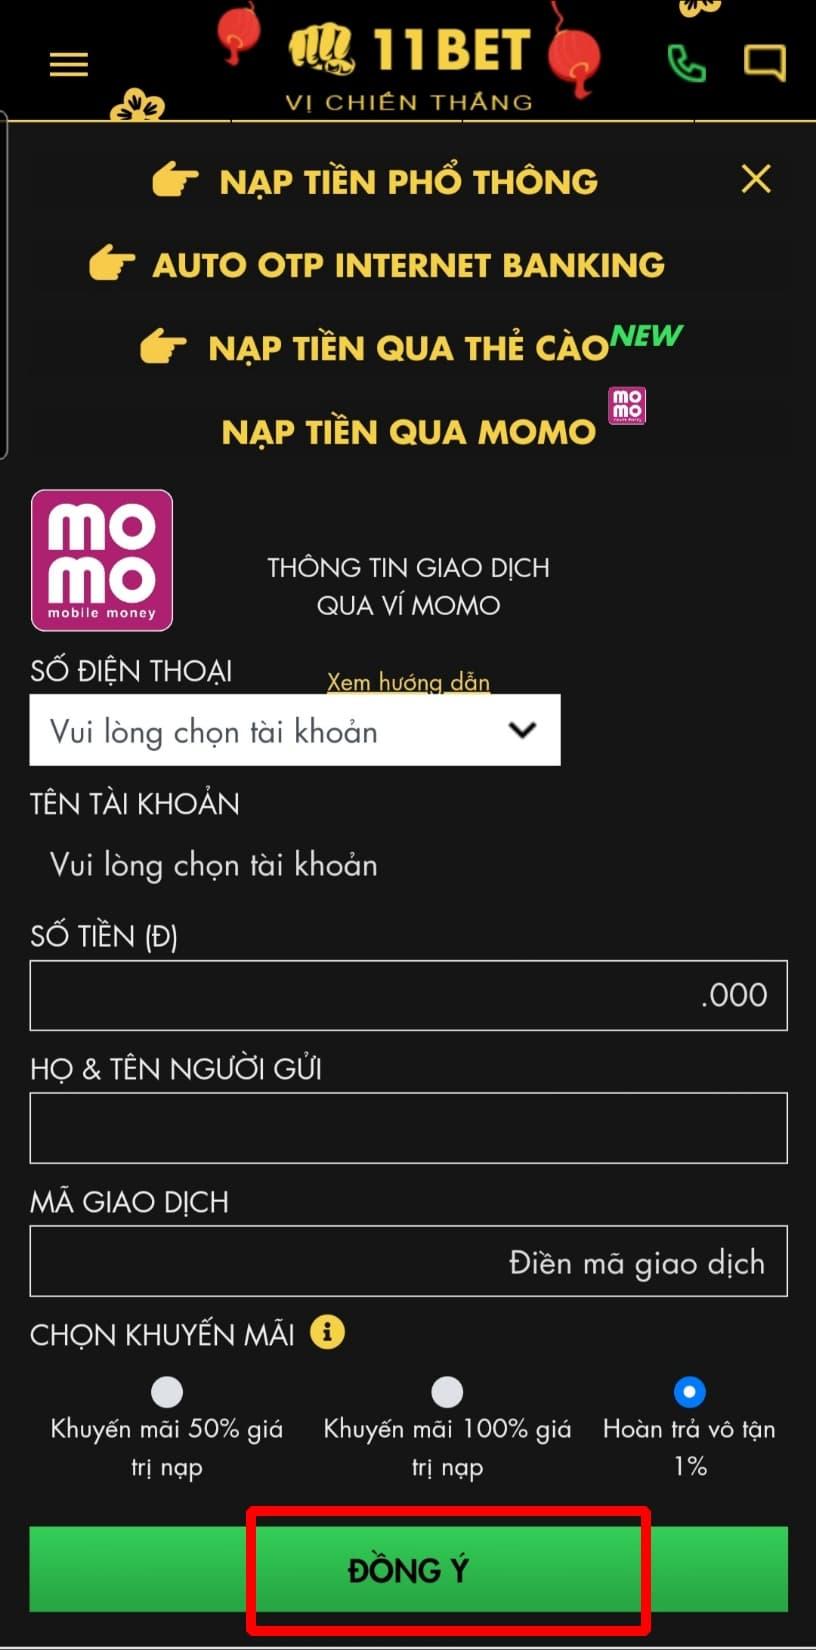 Bấm chọn ĐỒNG Ý để hoàn thành quá trình nạp tiền qua ví tiền điện tử Momo